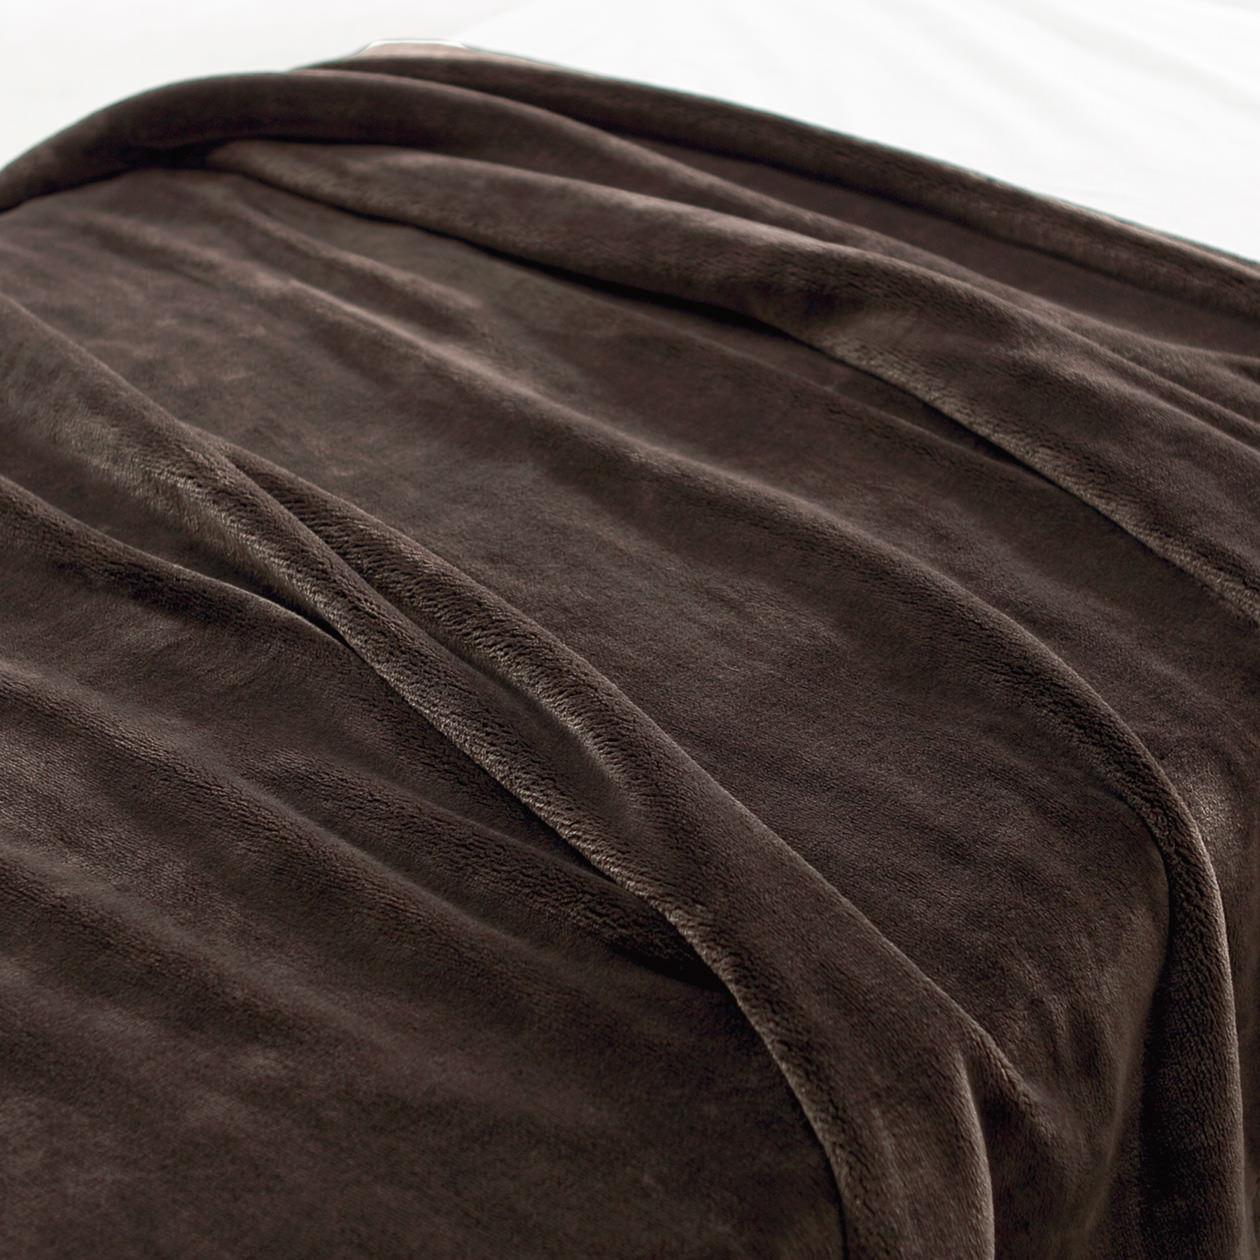 あたたかファイバー厚手毛布・D/ブラウン D/ブラウンの写真